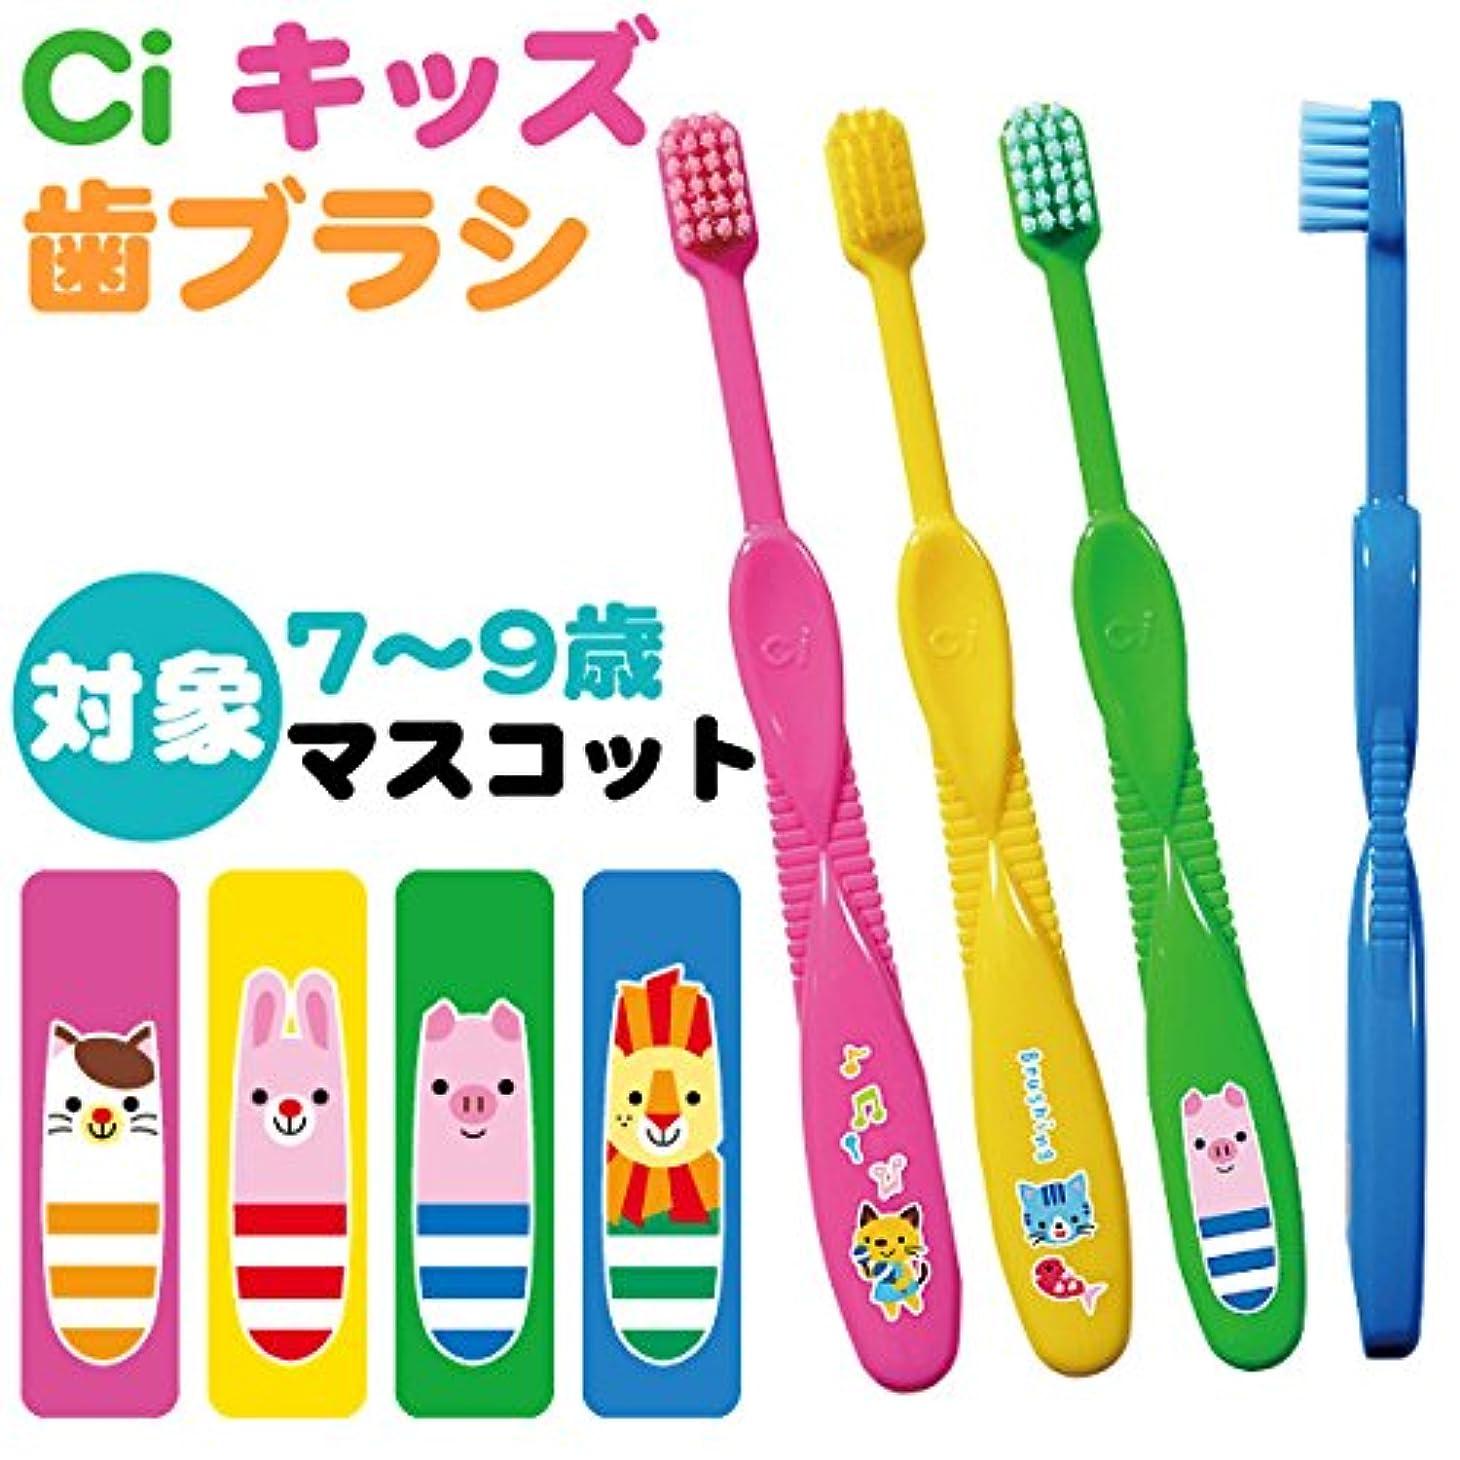 たくさん資本主義耐えるCiキッズ歯ブラシ マスコット柄 24本